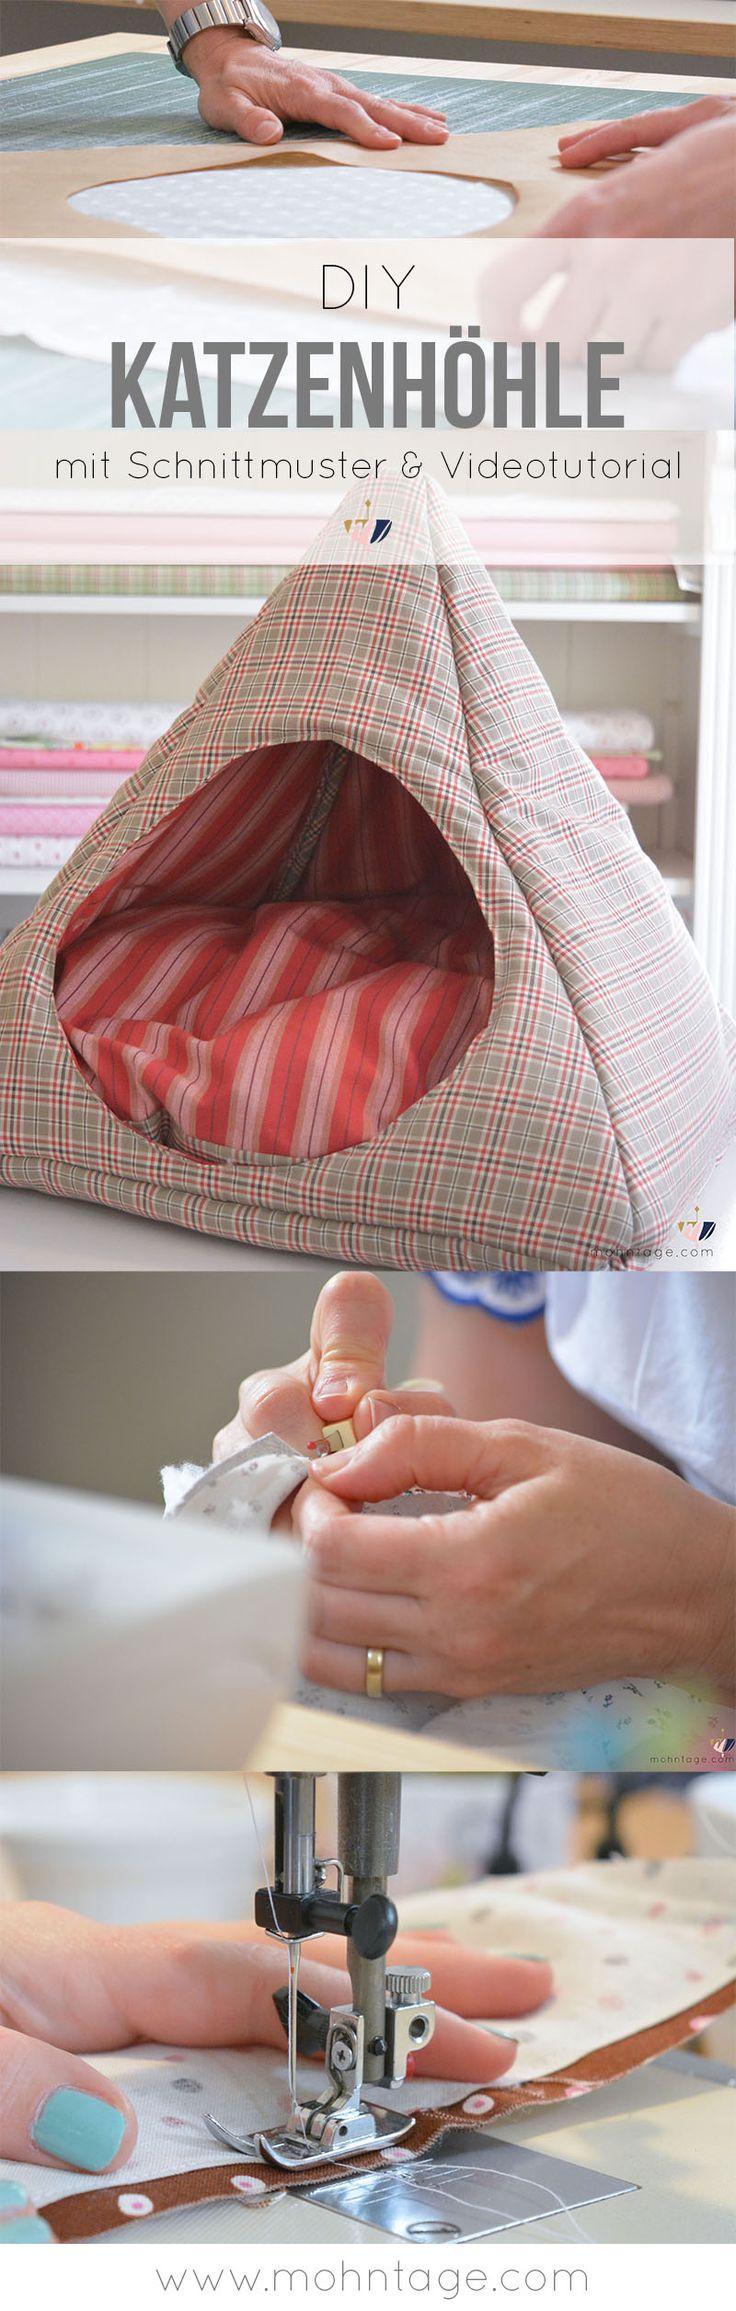 die besten 25 kaninchen ideen auf pinterest. Black Bedroom Furniture Sets. Home Design Ideas